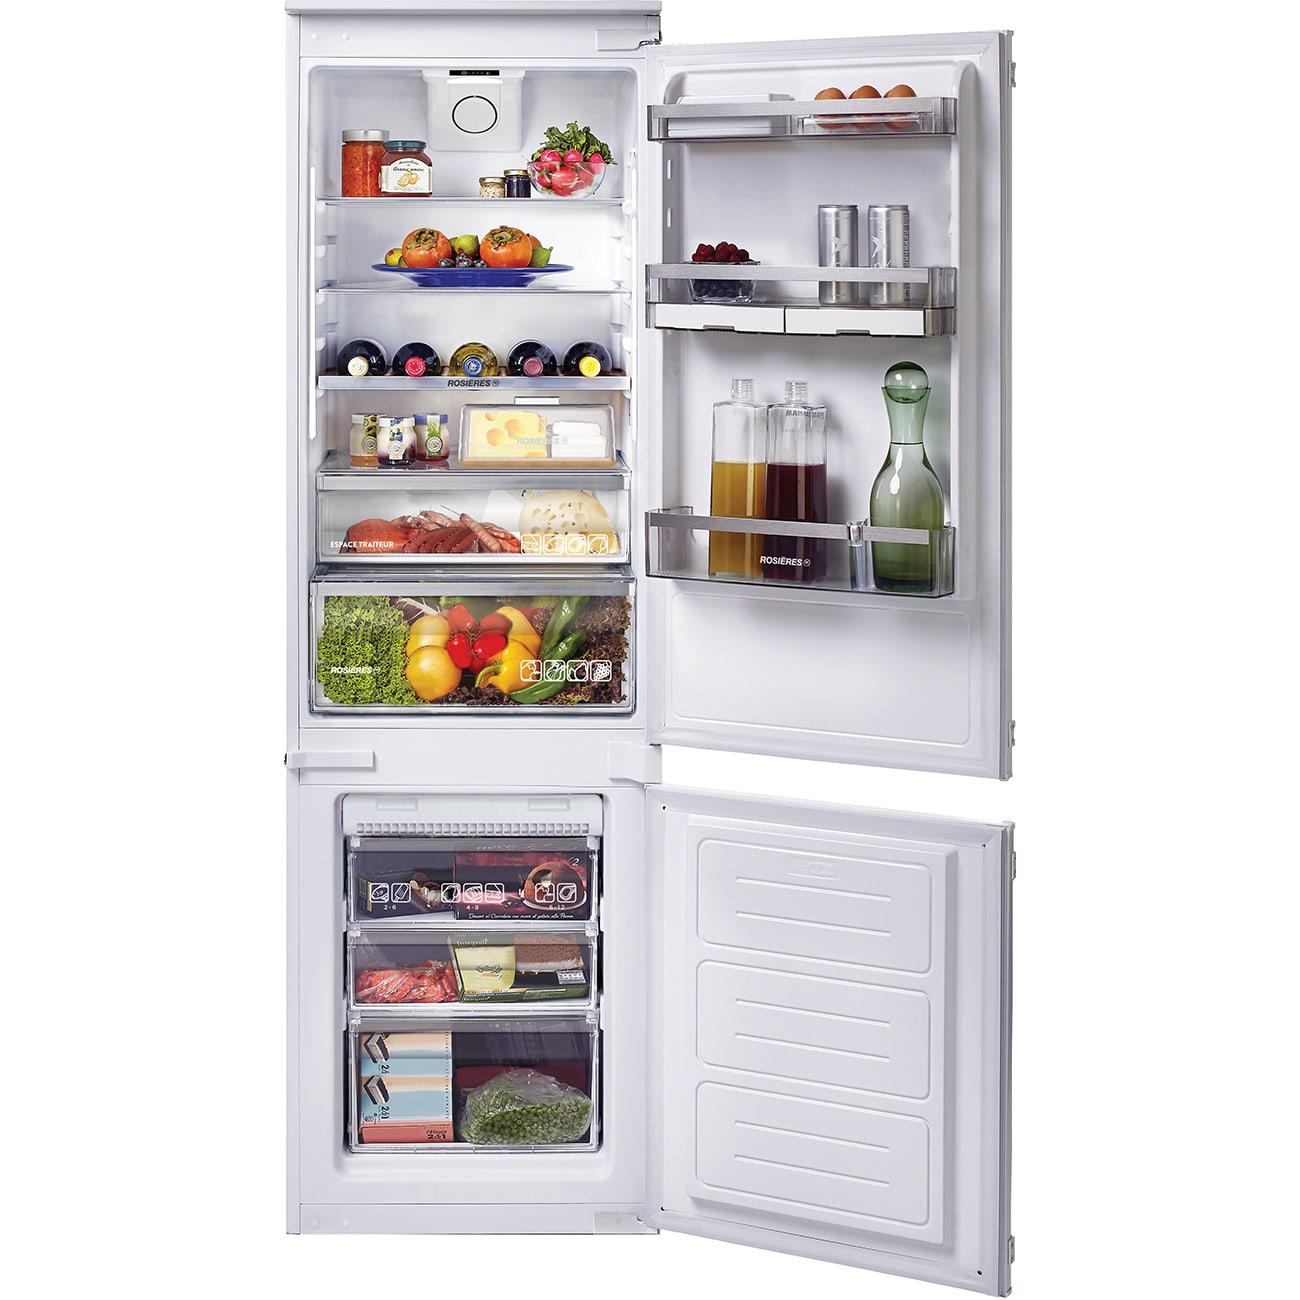 Tủ lạnh âm tủ cho gian bếp hiện đại thêm đẳng cấp